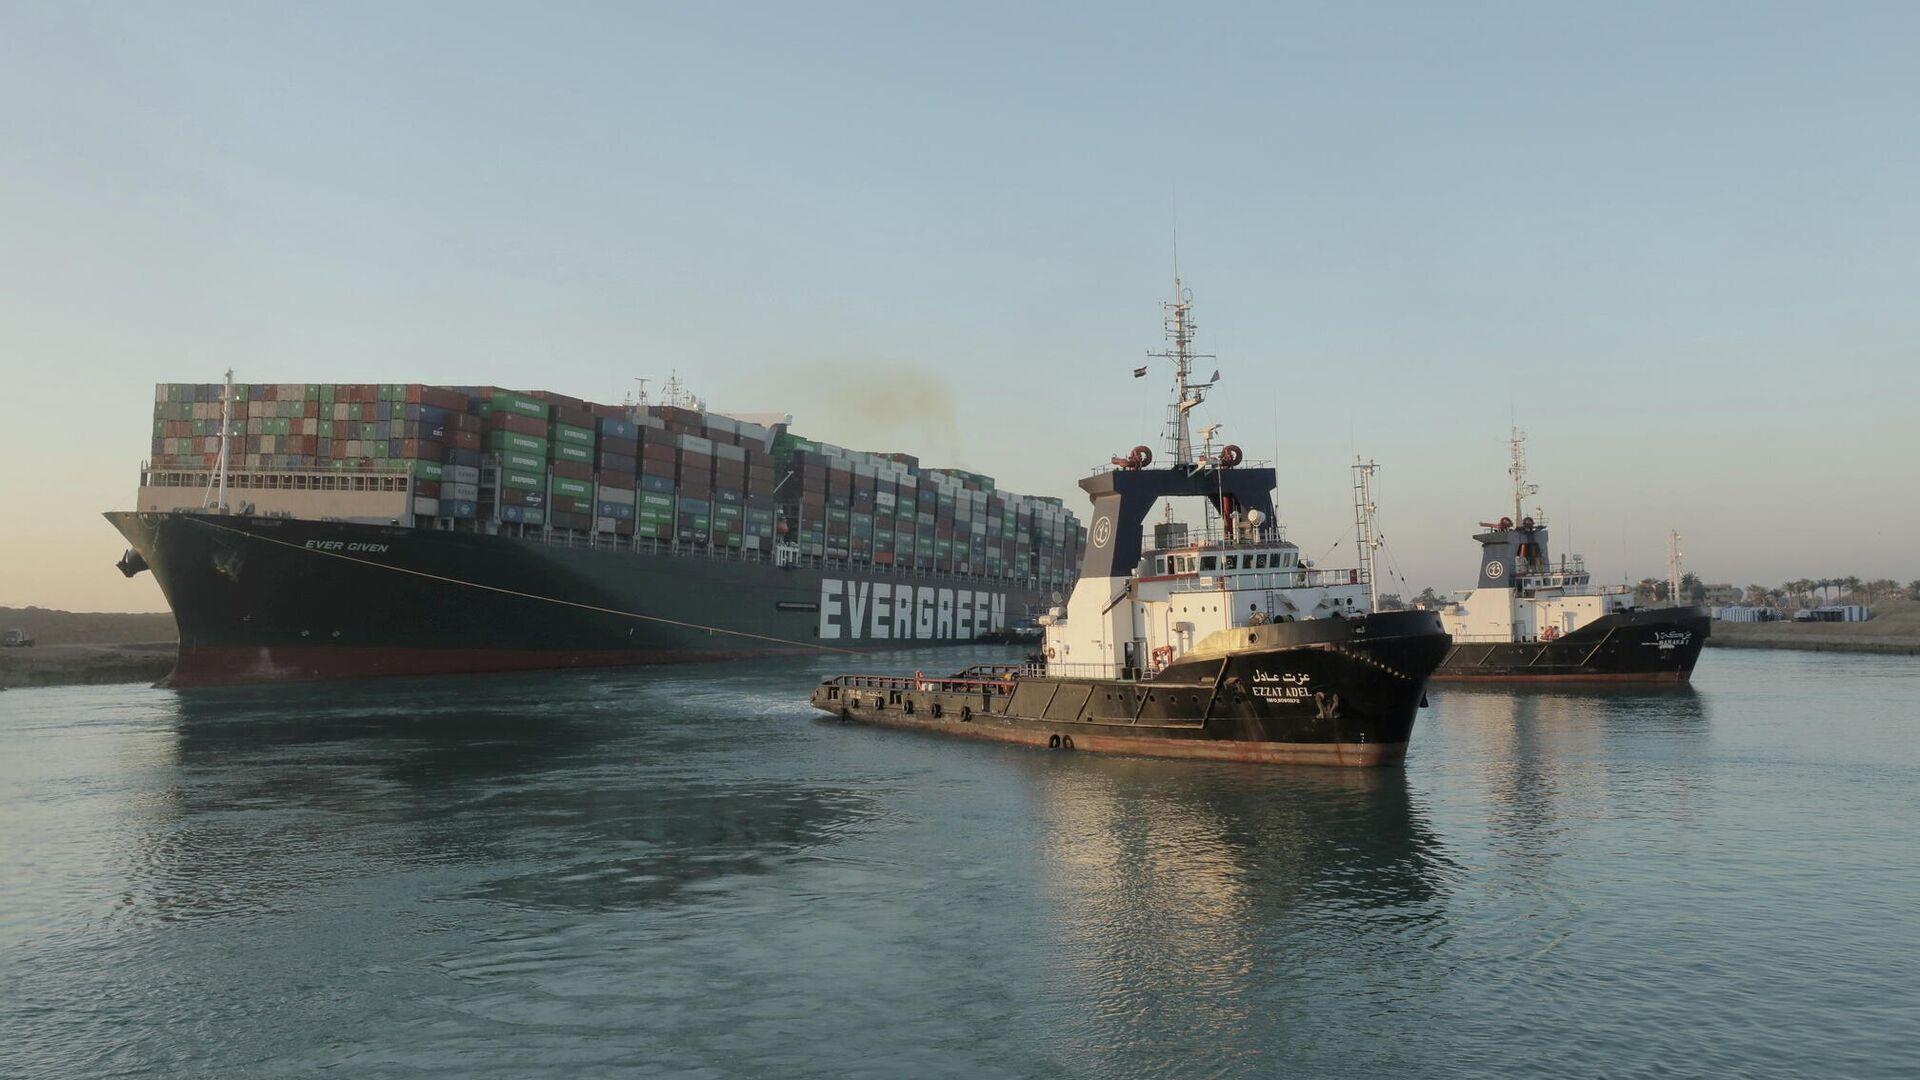 Containerschiff Ever Given im Suezkanal, 29. März 2021 - SNA, 1920, 29.03.2021